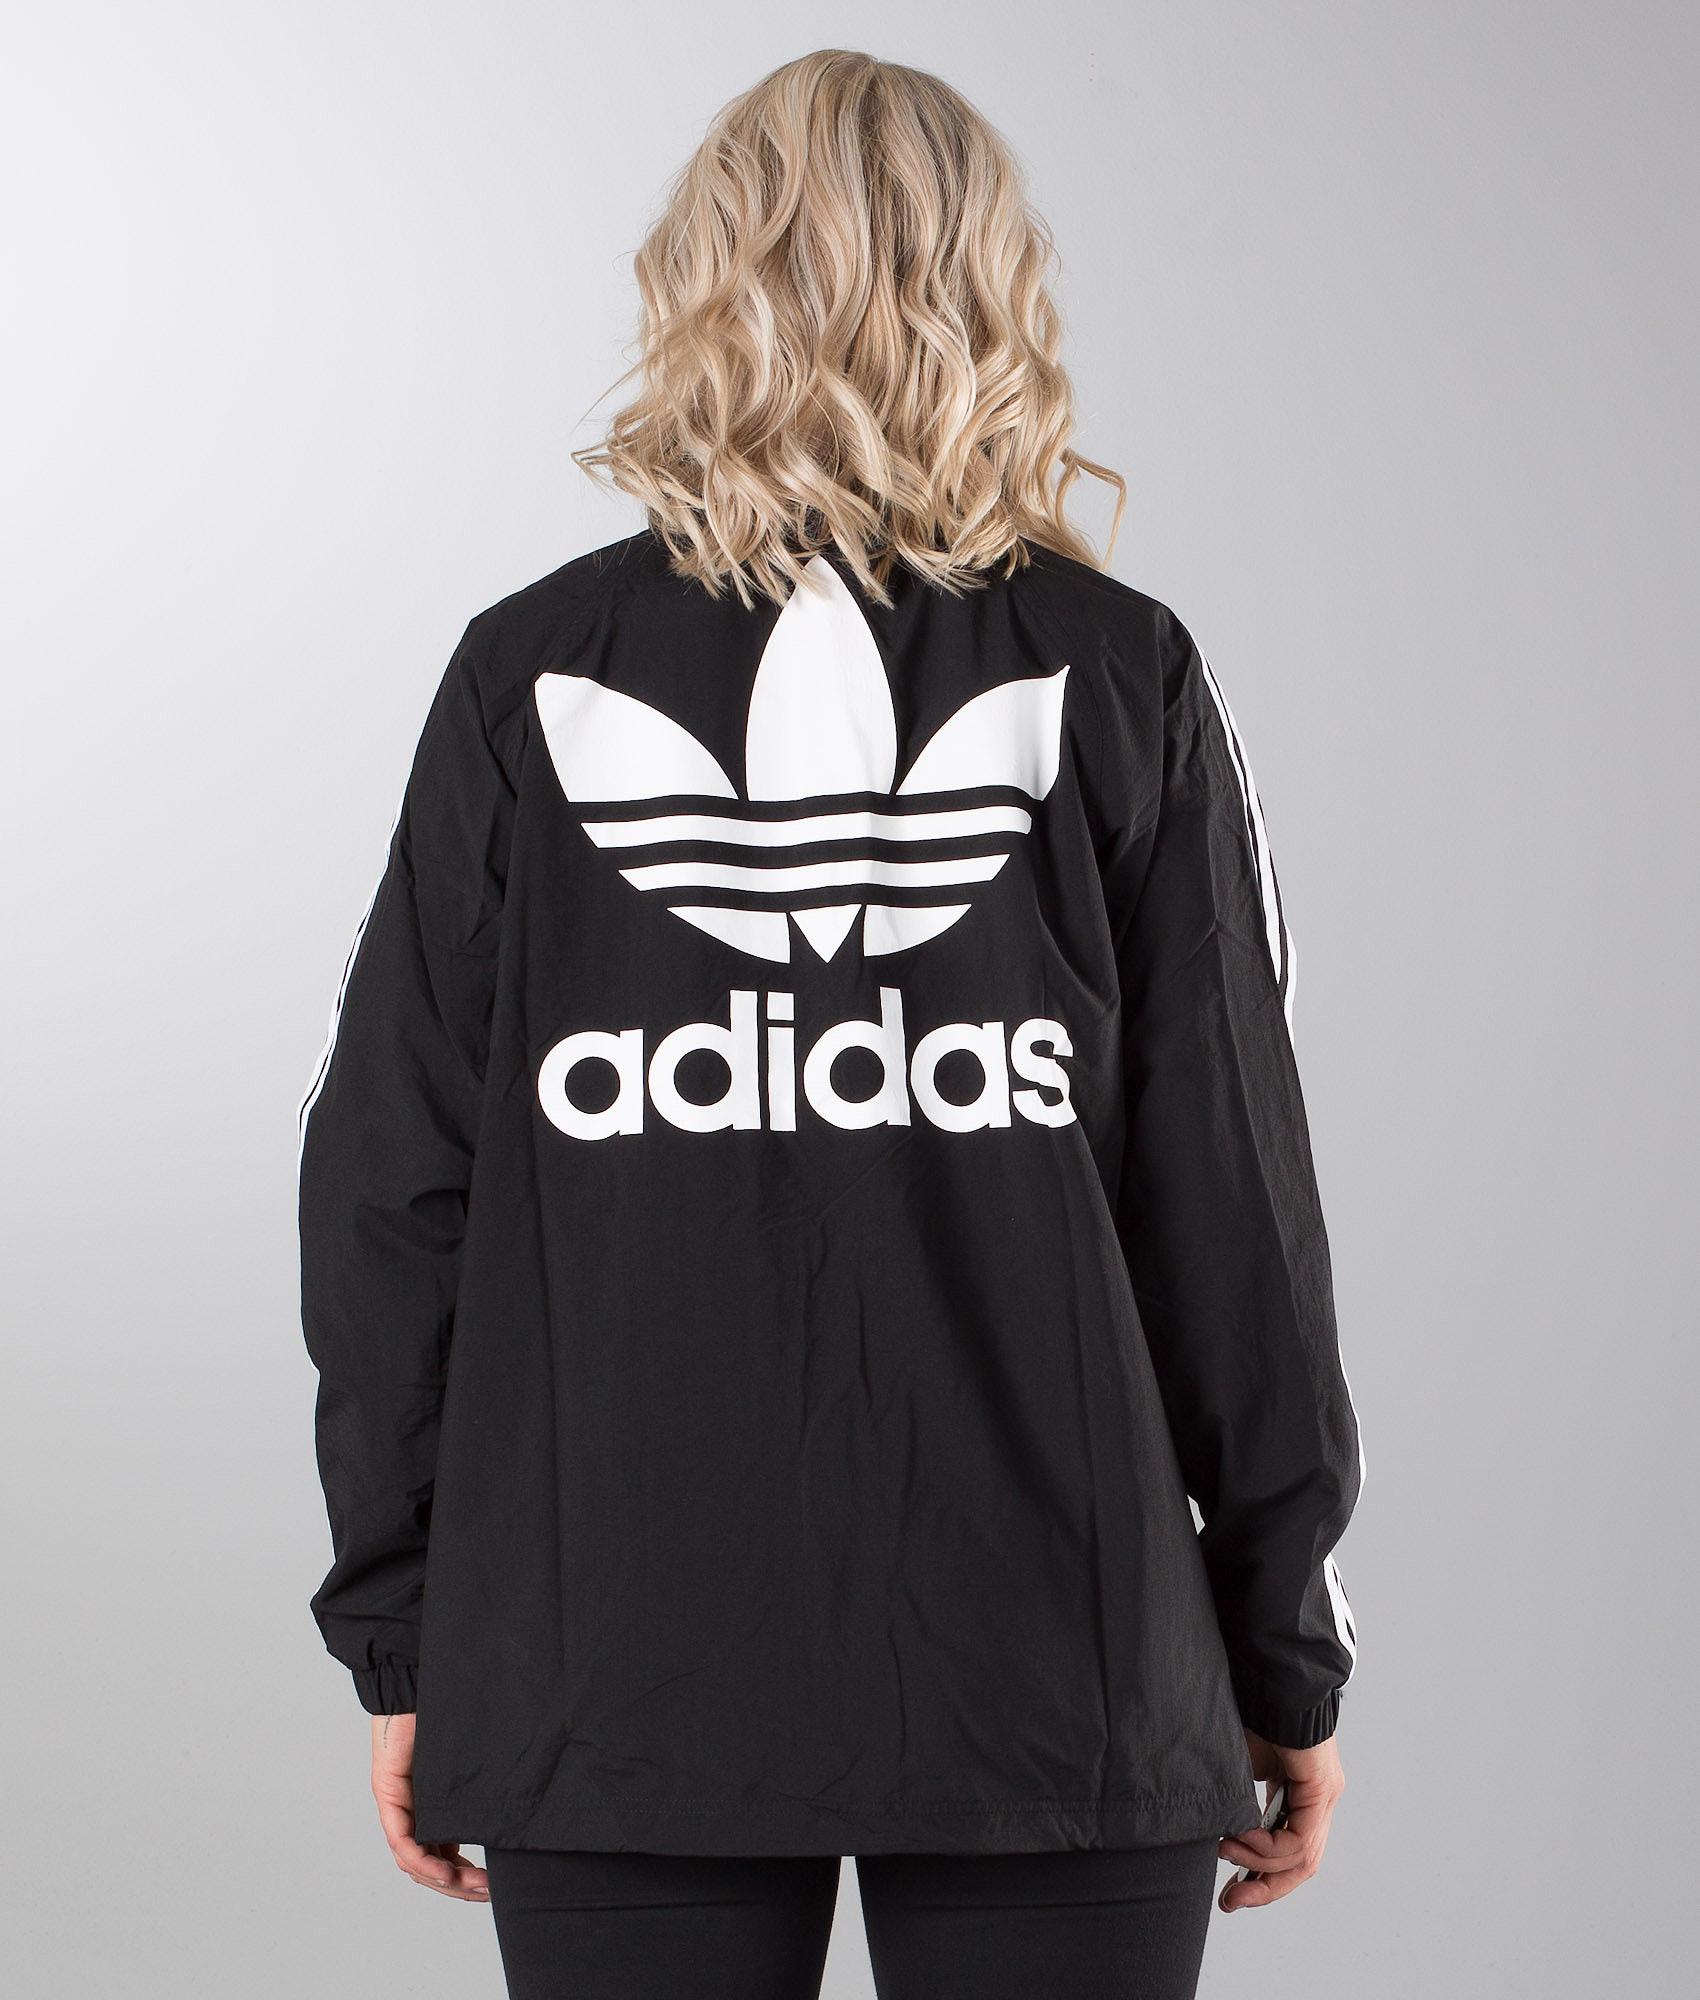 7100ead2 Adidas Originals Stadium Jacket Black - Ridestore.com